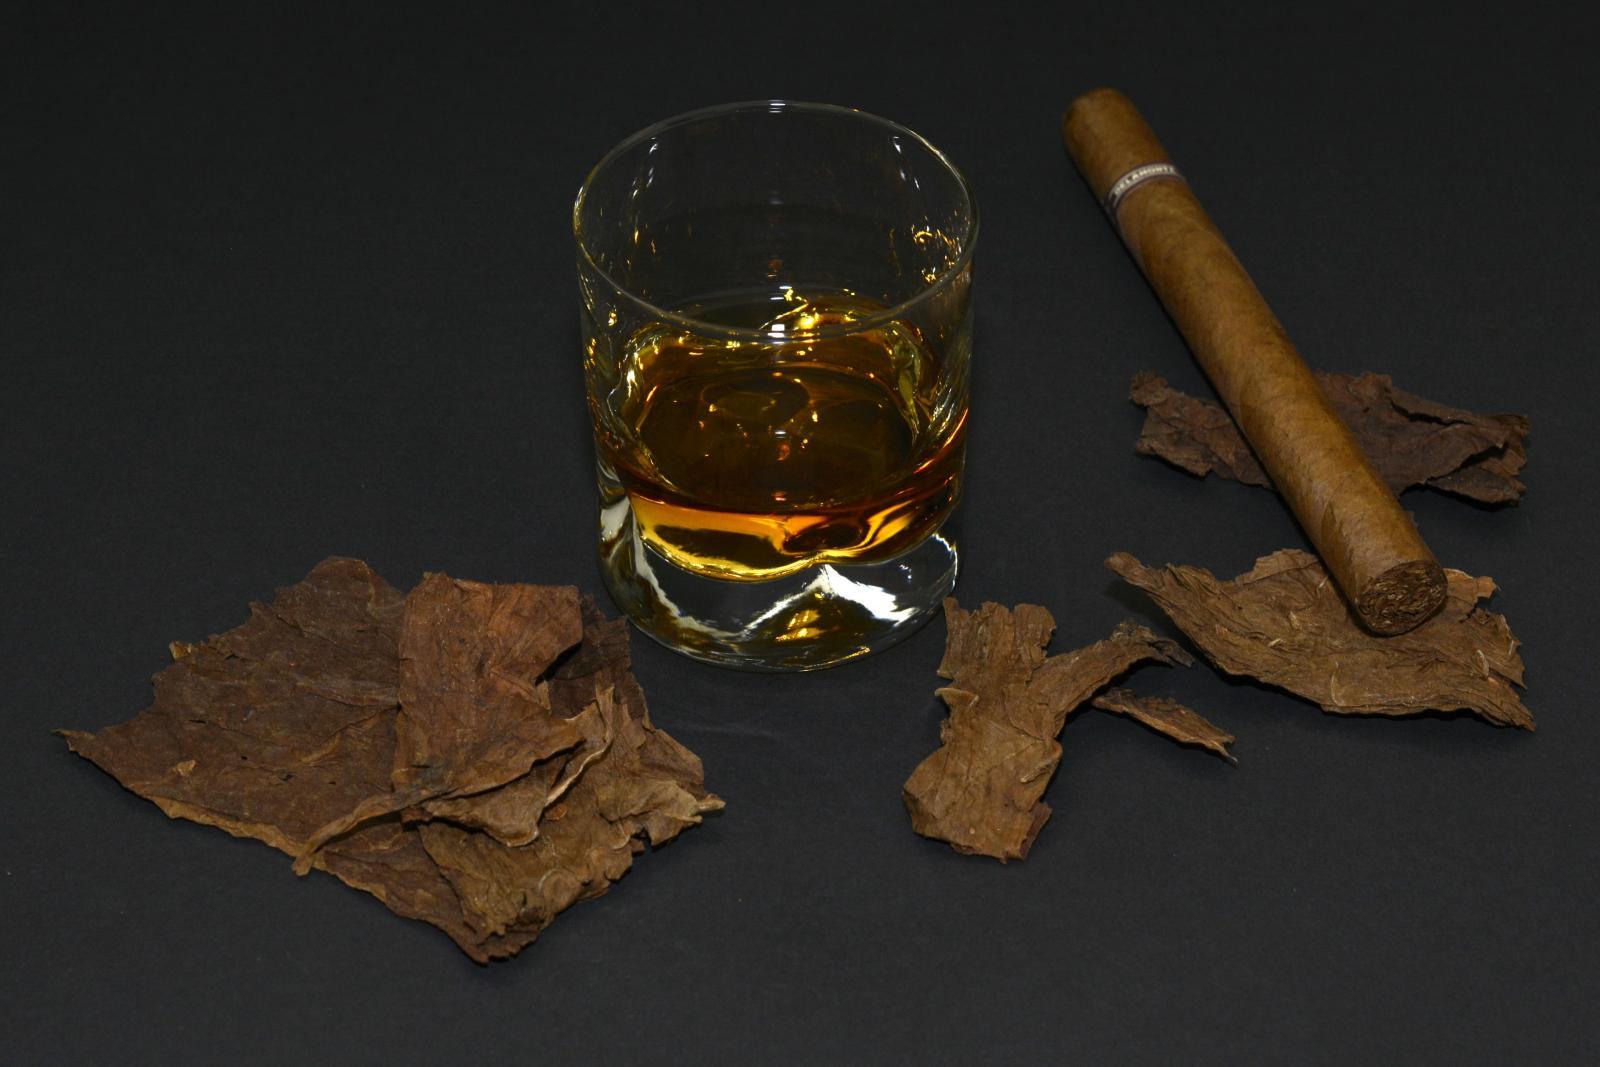 Траты на алкоголь и табак составляют 3% от всех расходов россиян